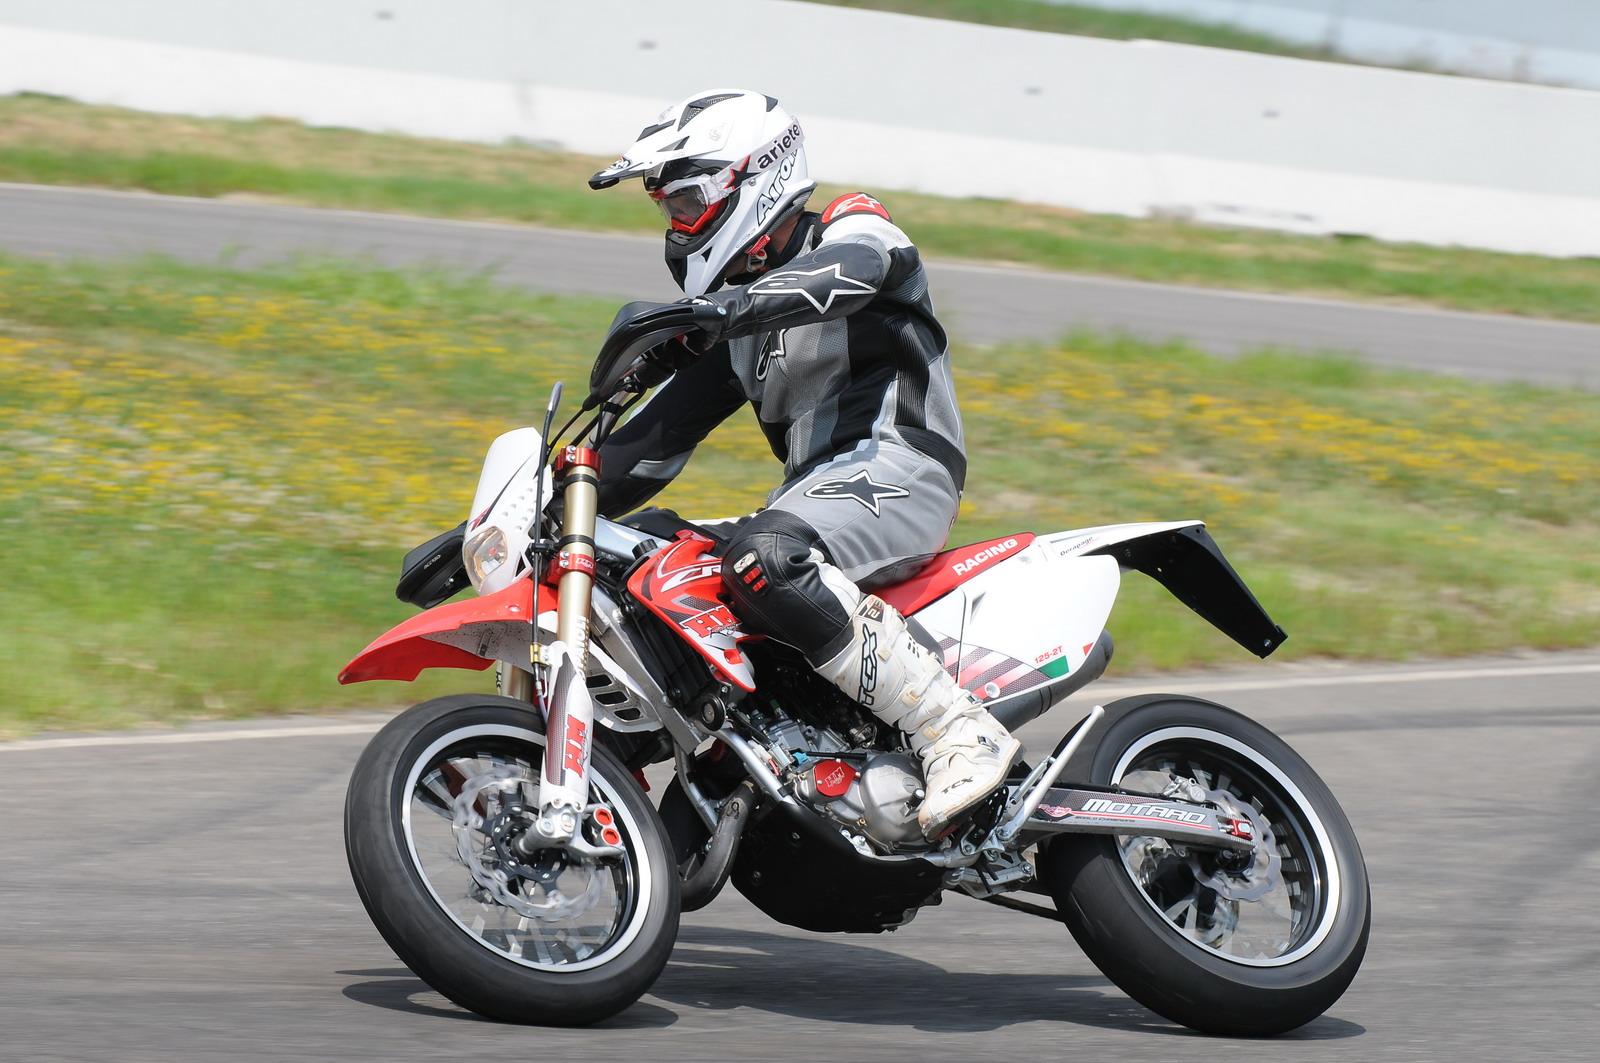 hm crm 125 derapage competition rr 2t 2011 prezzo  scheda